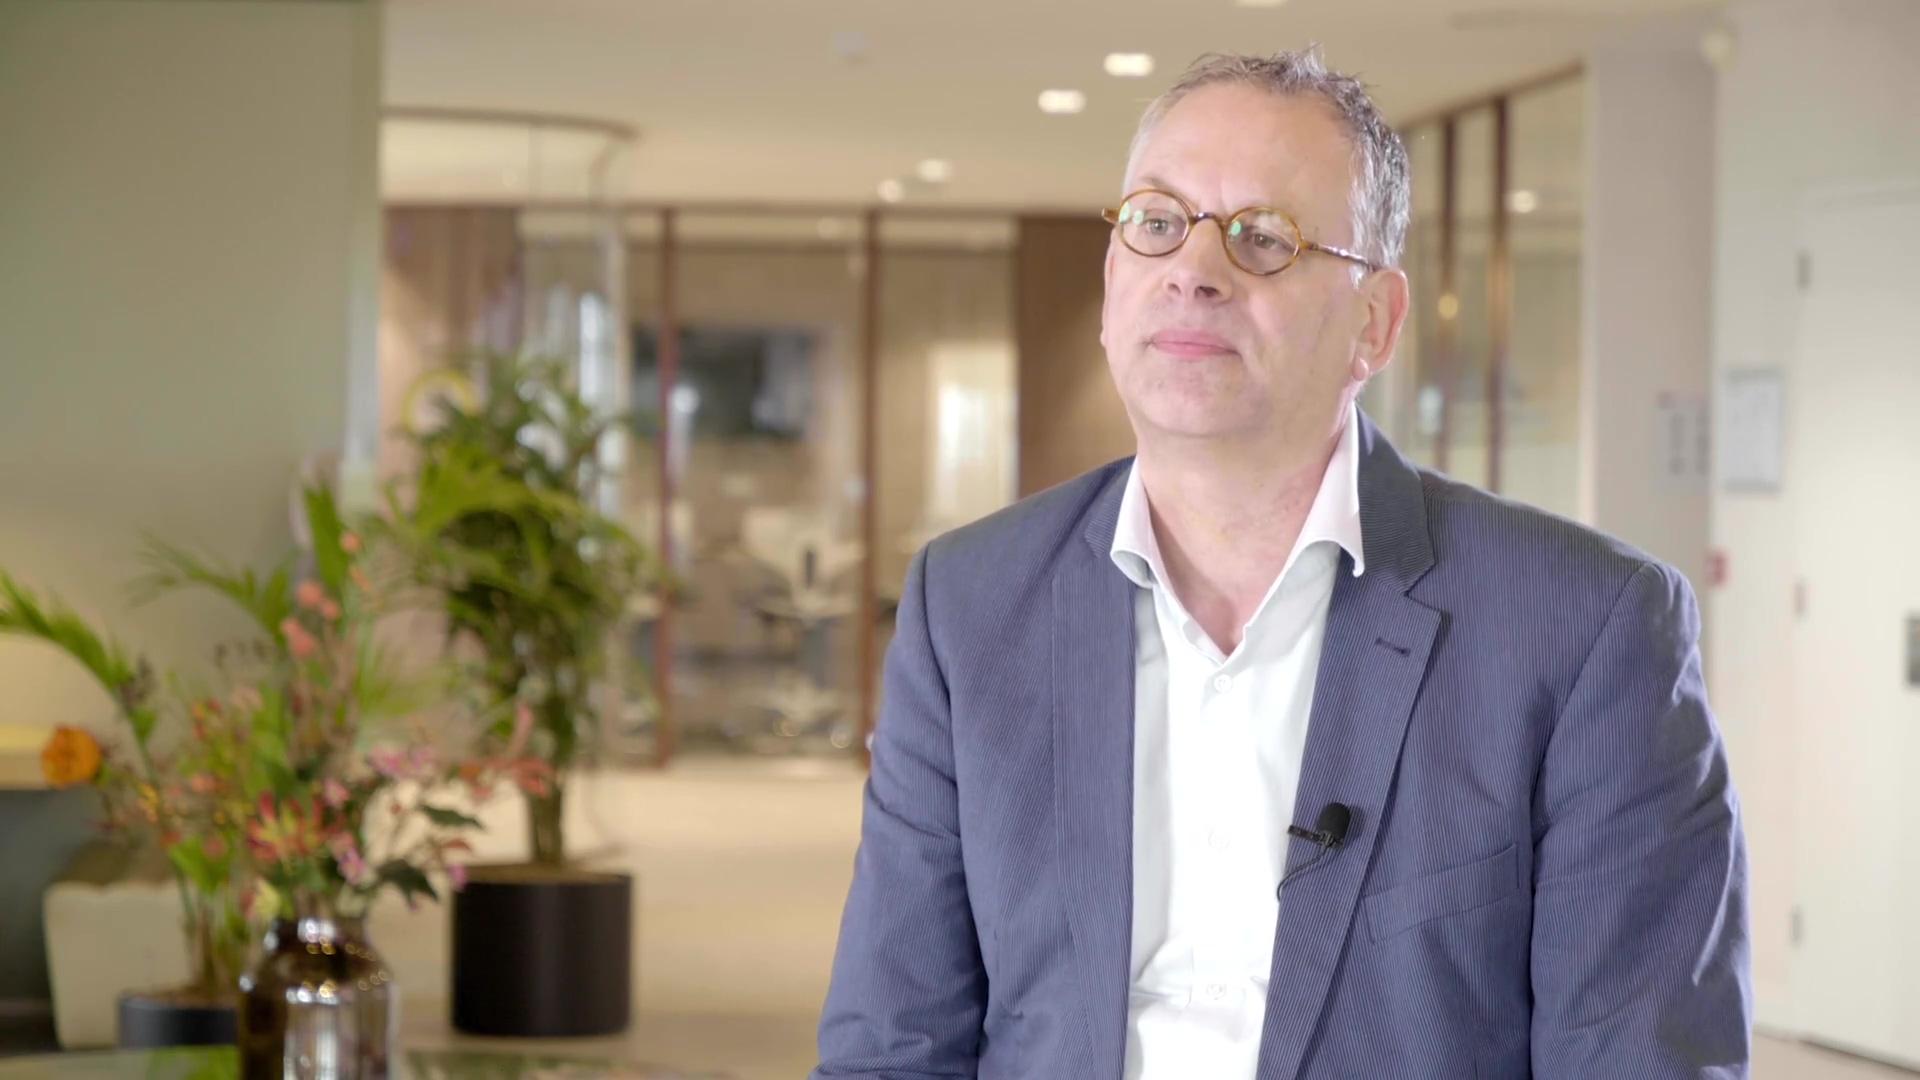 Trivento - Interview Rijn van Vulpen - Objektiv - V01